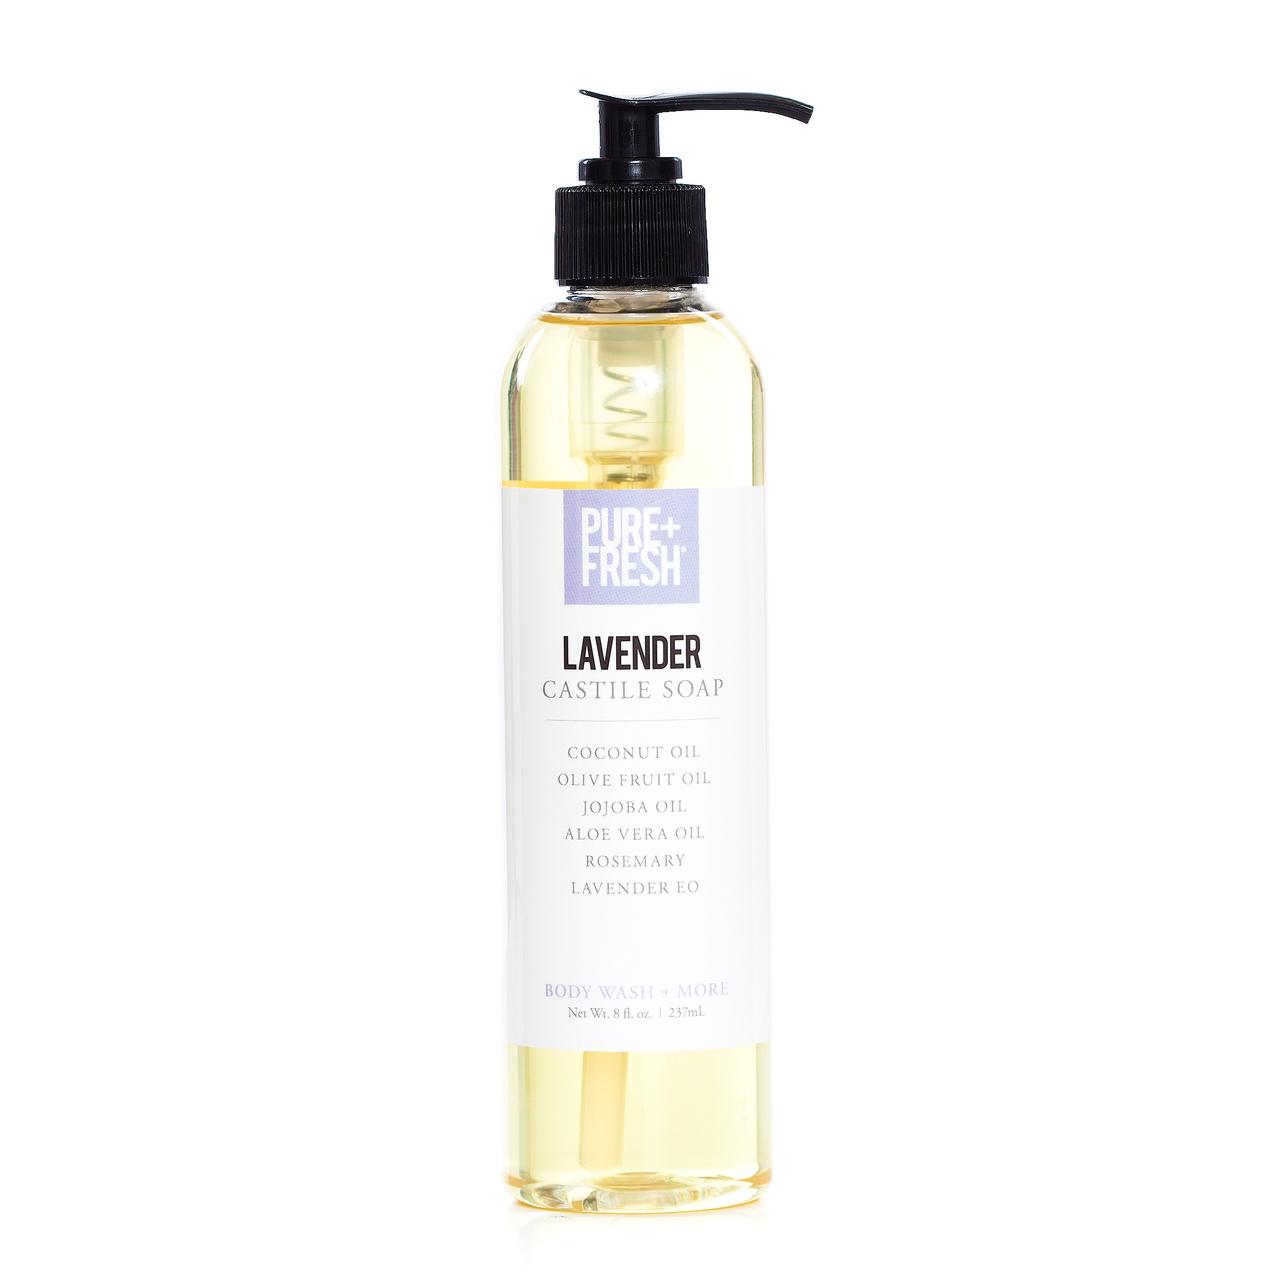 Castile Soap - Lavender - 8oz